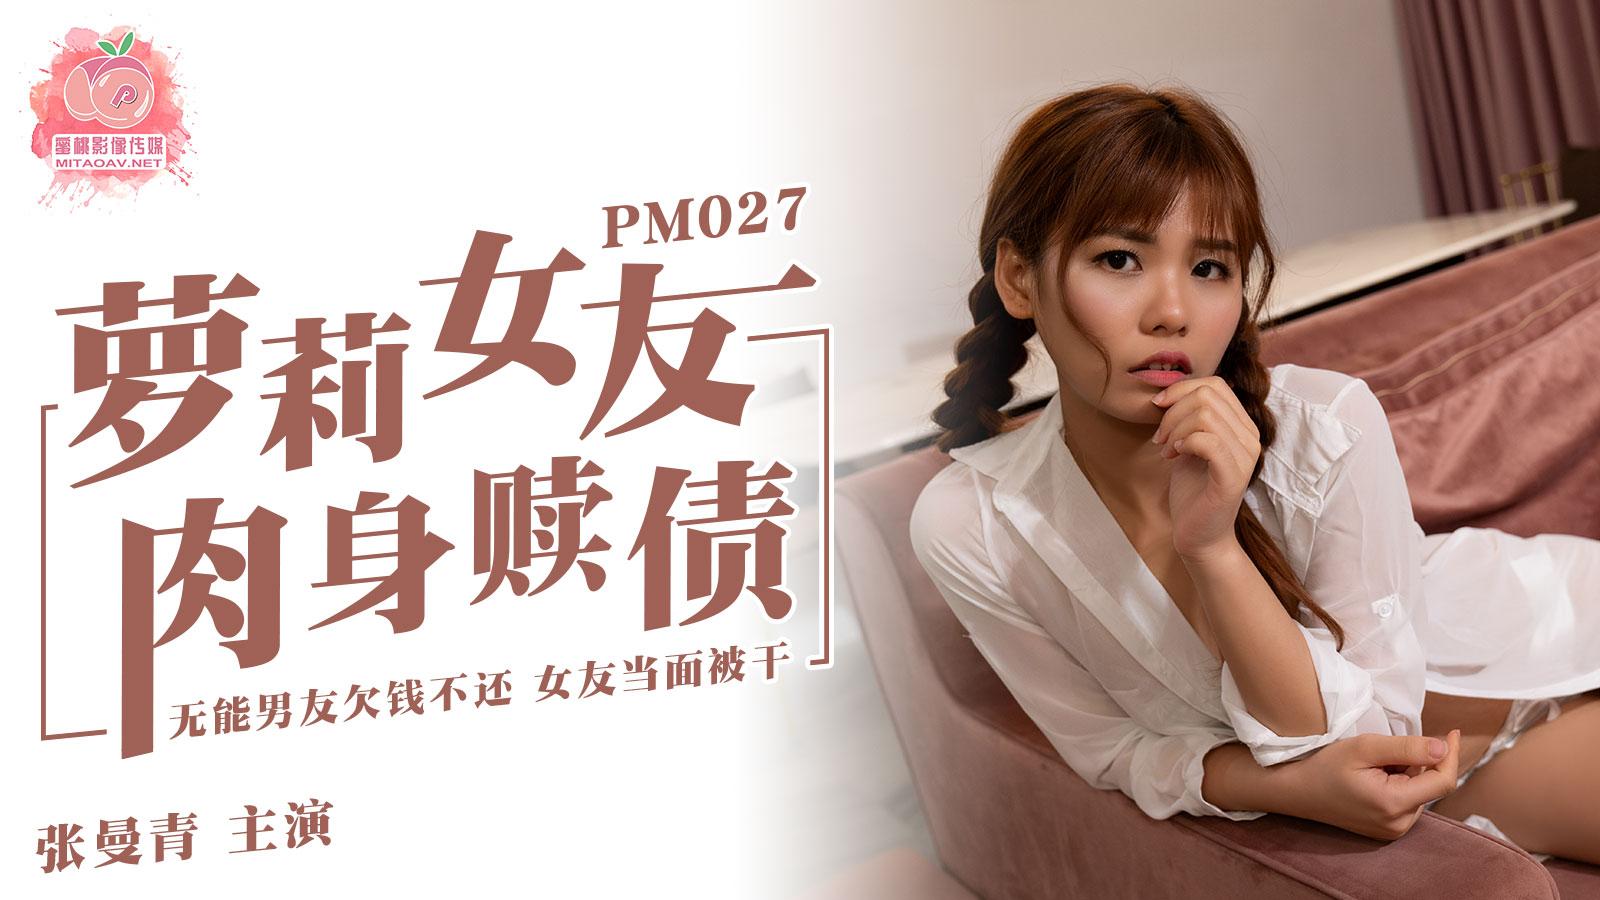 蜜桃传媒PM027萝莉女友肉身赎债-张曼青